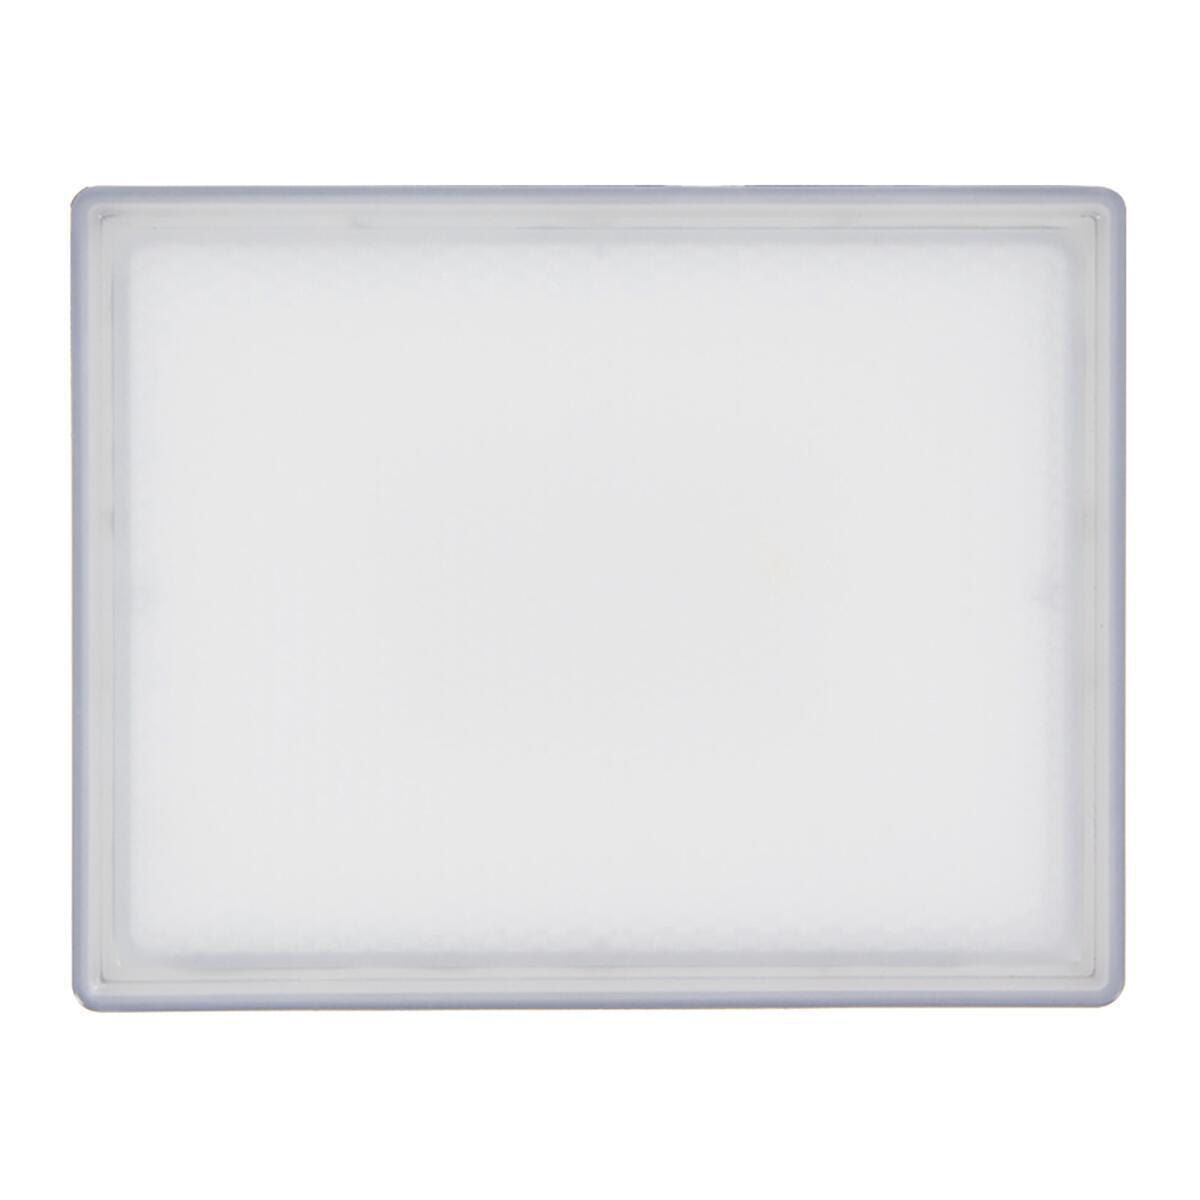 Proiettore LED integrato A in alluminio, bianco, 30W 2400LM IP65 XANLITE - 3